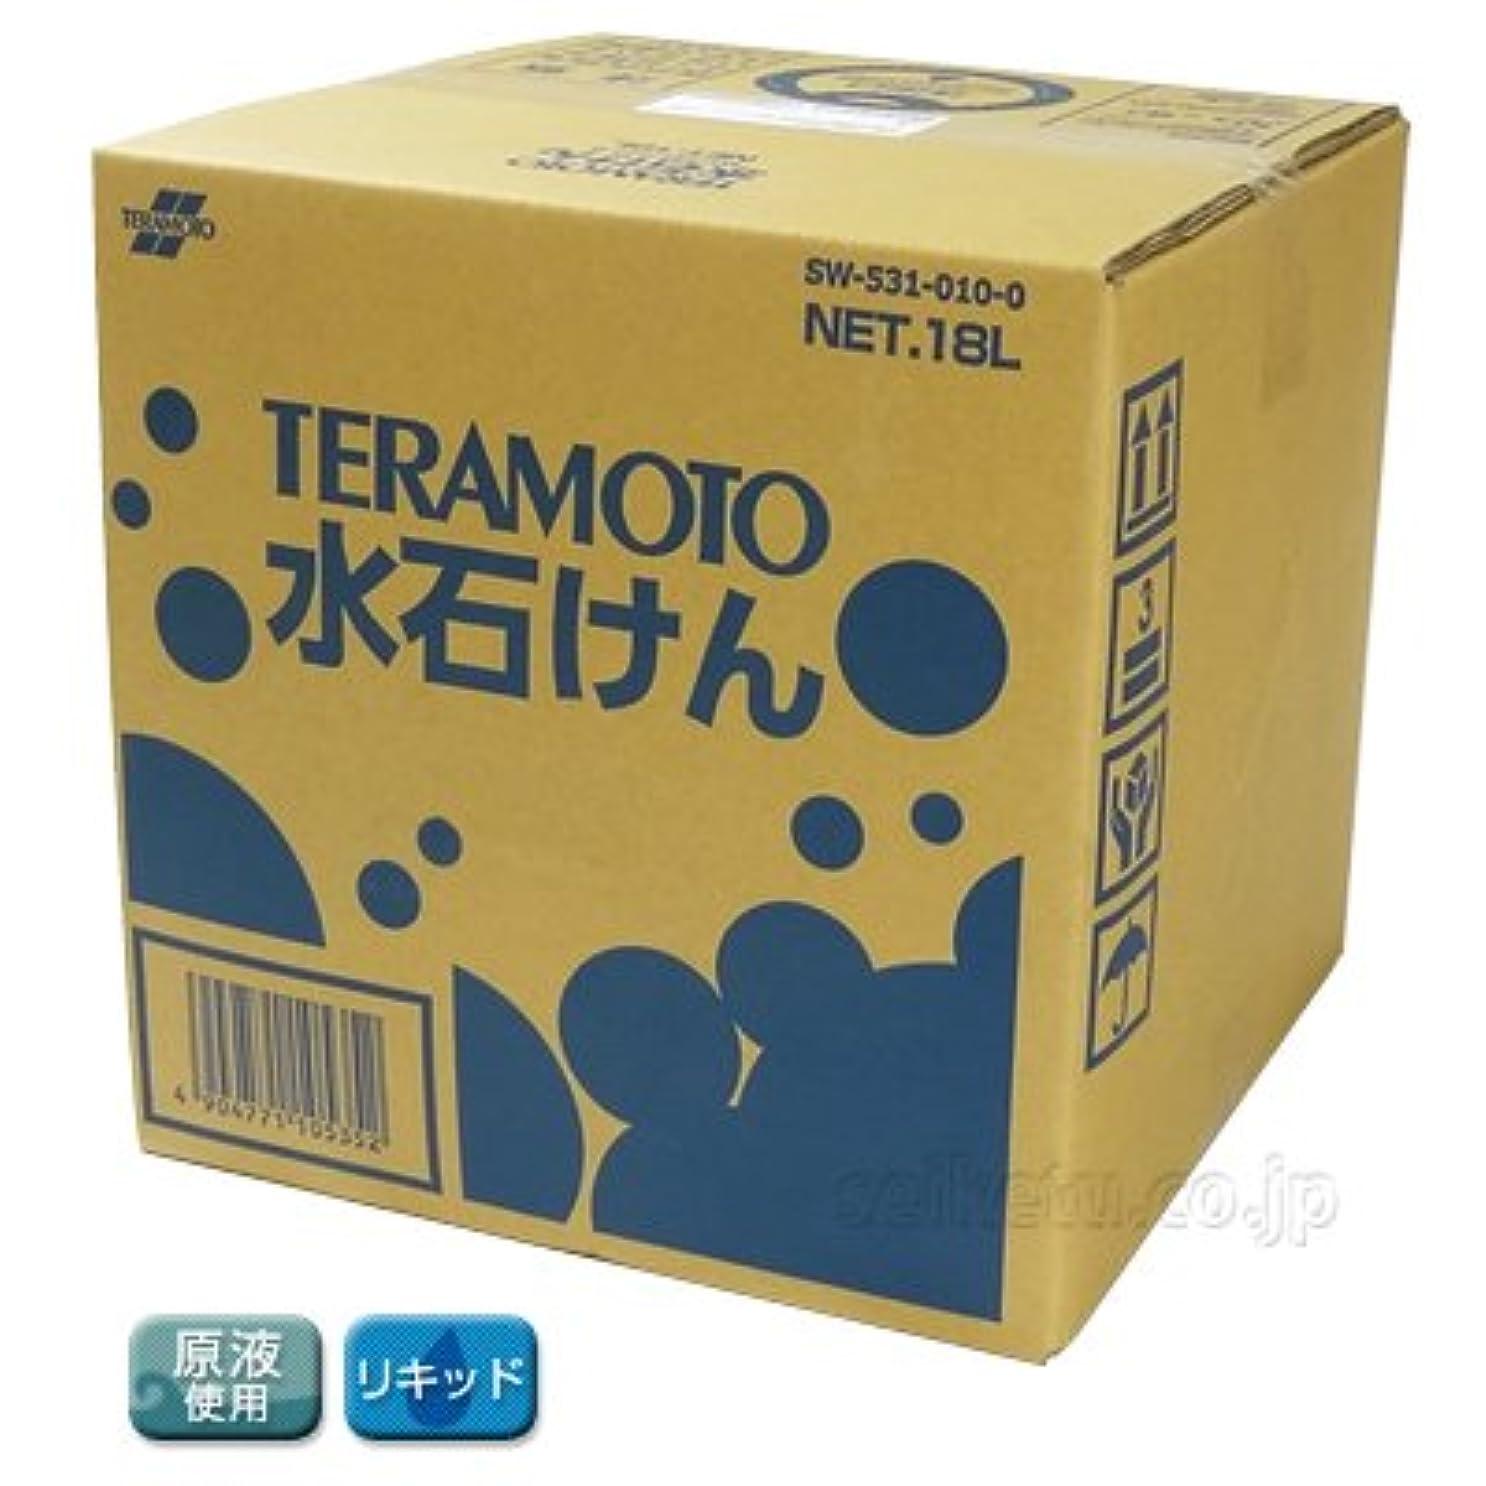 富問い合わせる大型トラック【清潔キレイ館】水玉水石鹸液(18L)